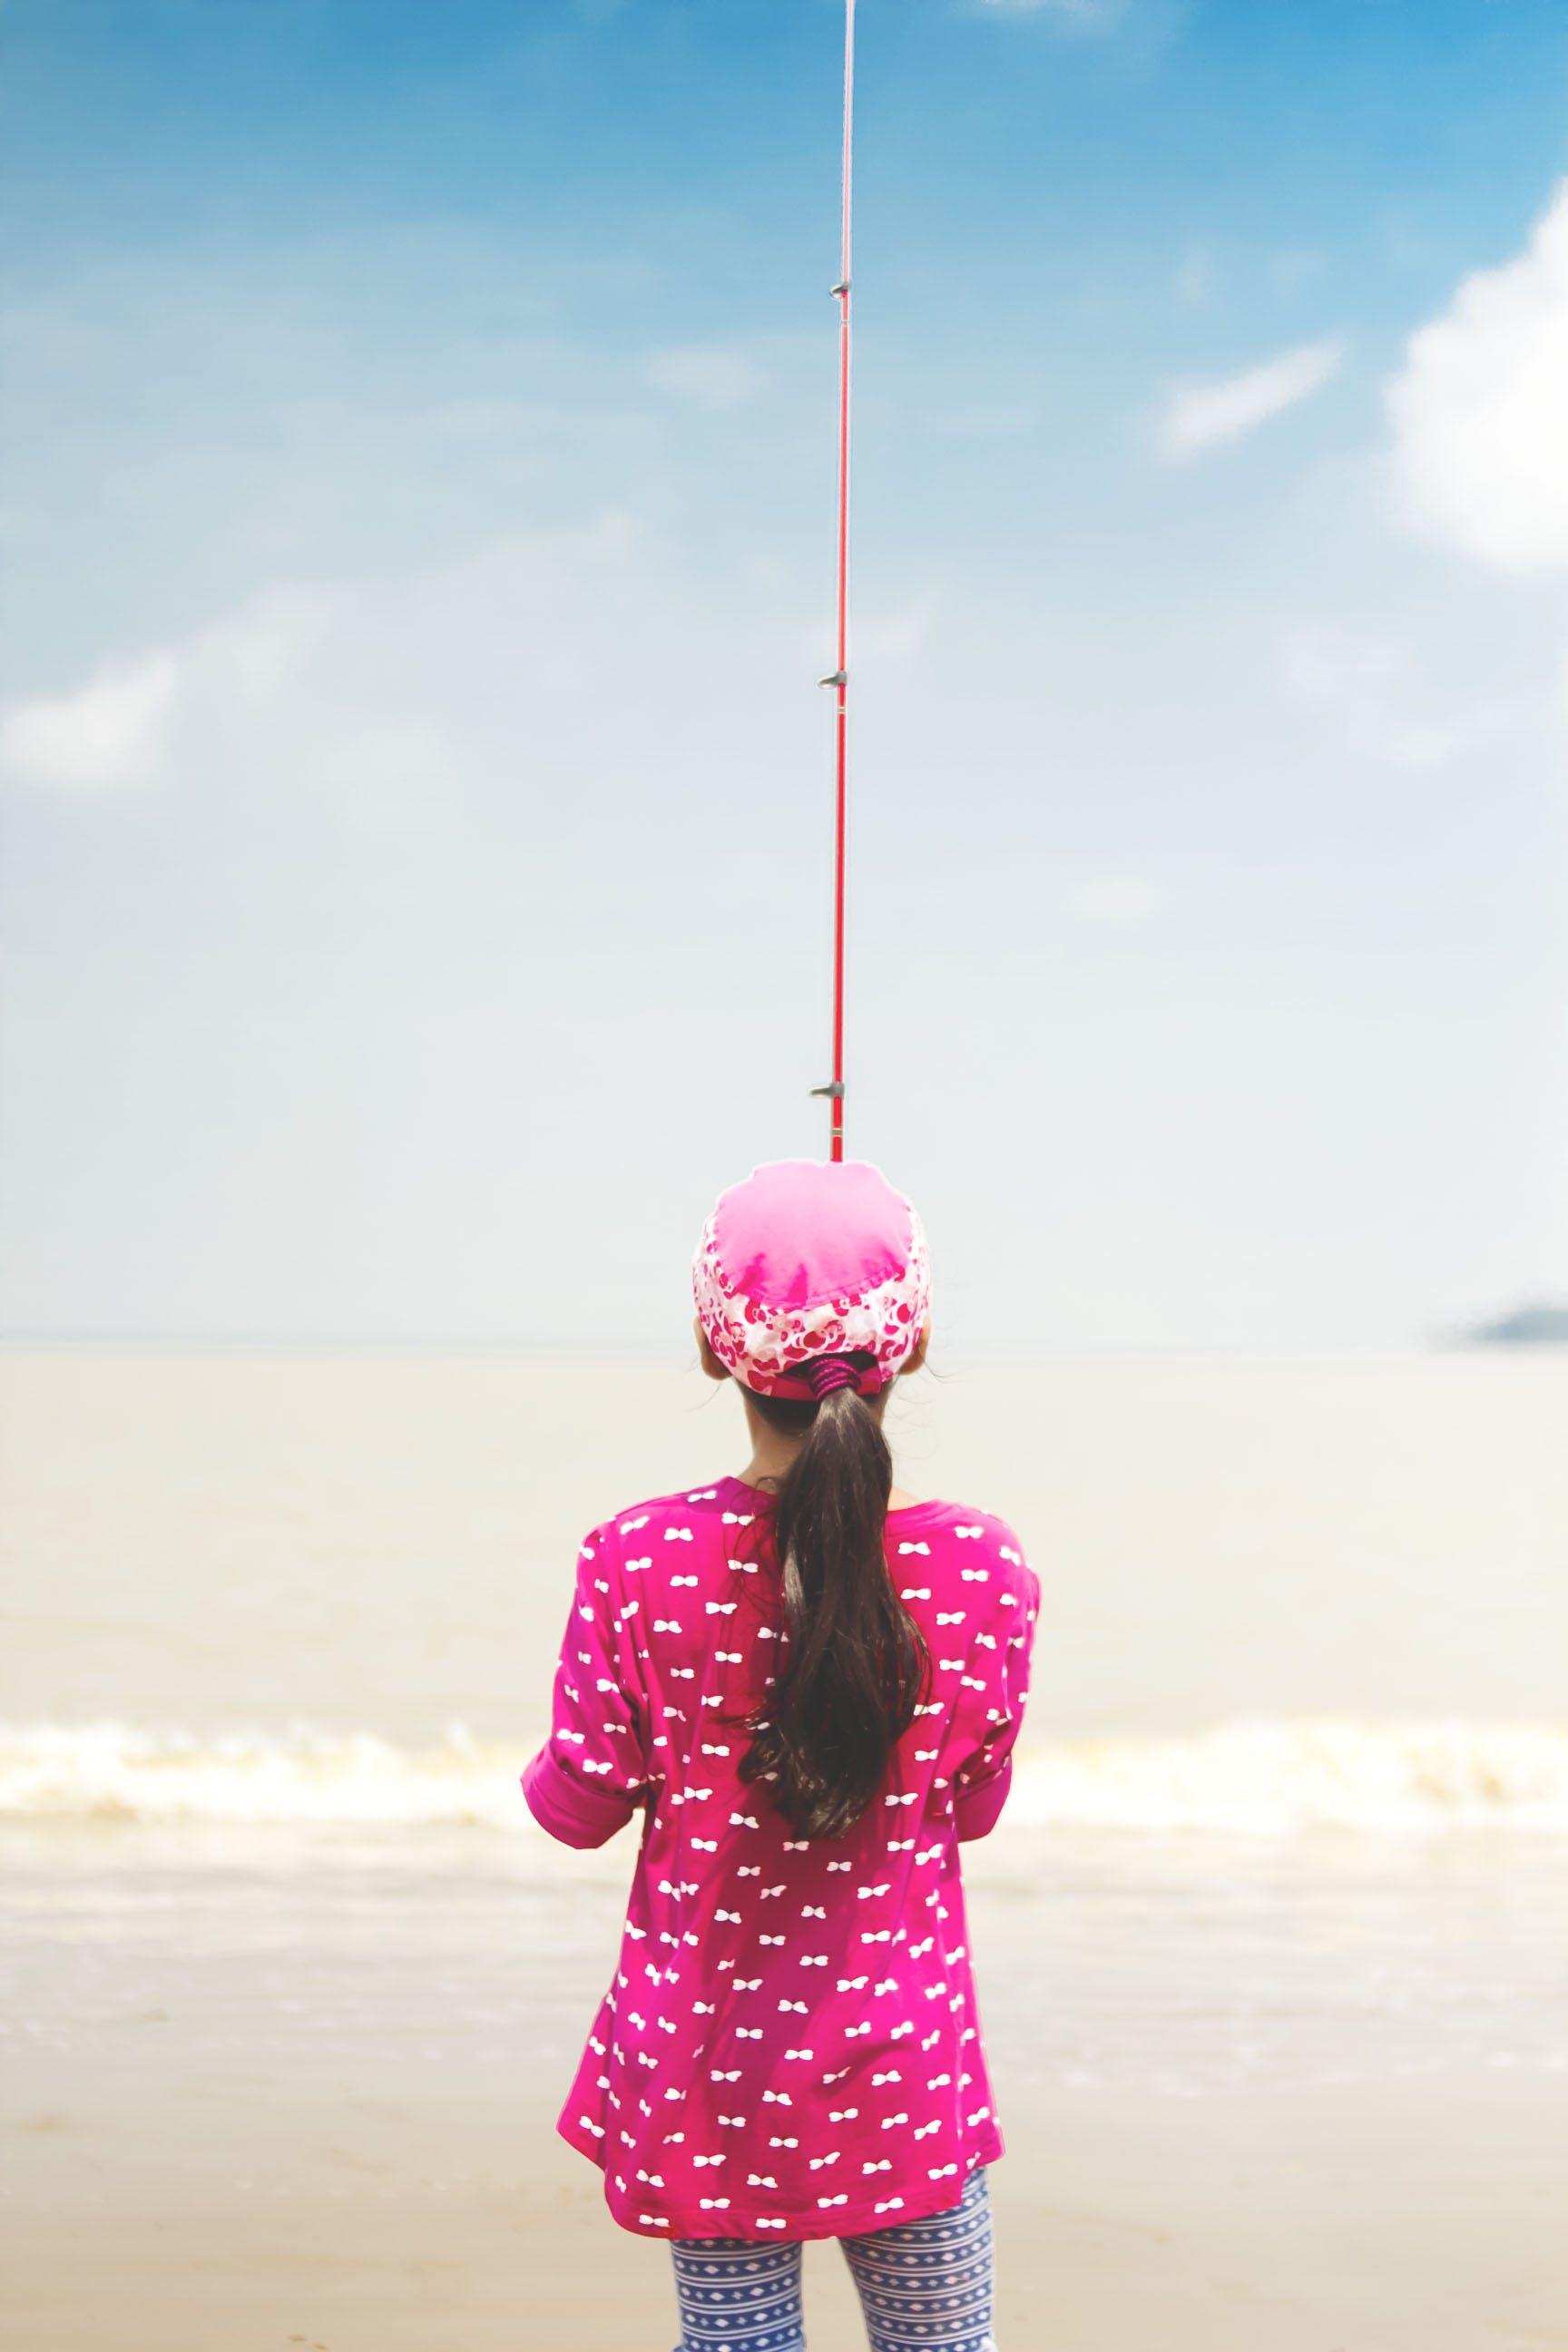 Kostenloses Stock Foto zu angeln, angelrute, draußen, entspannung